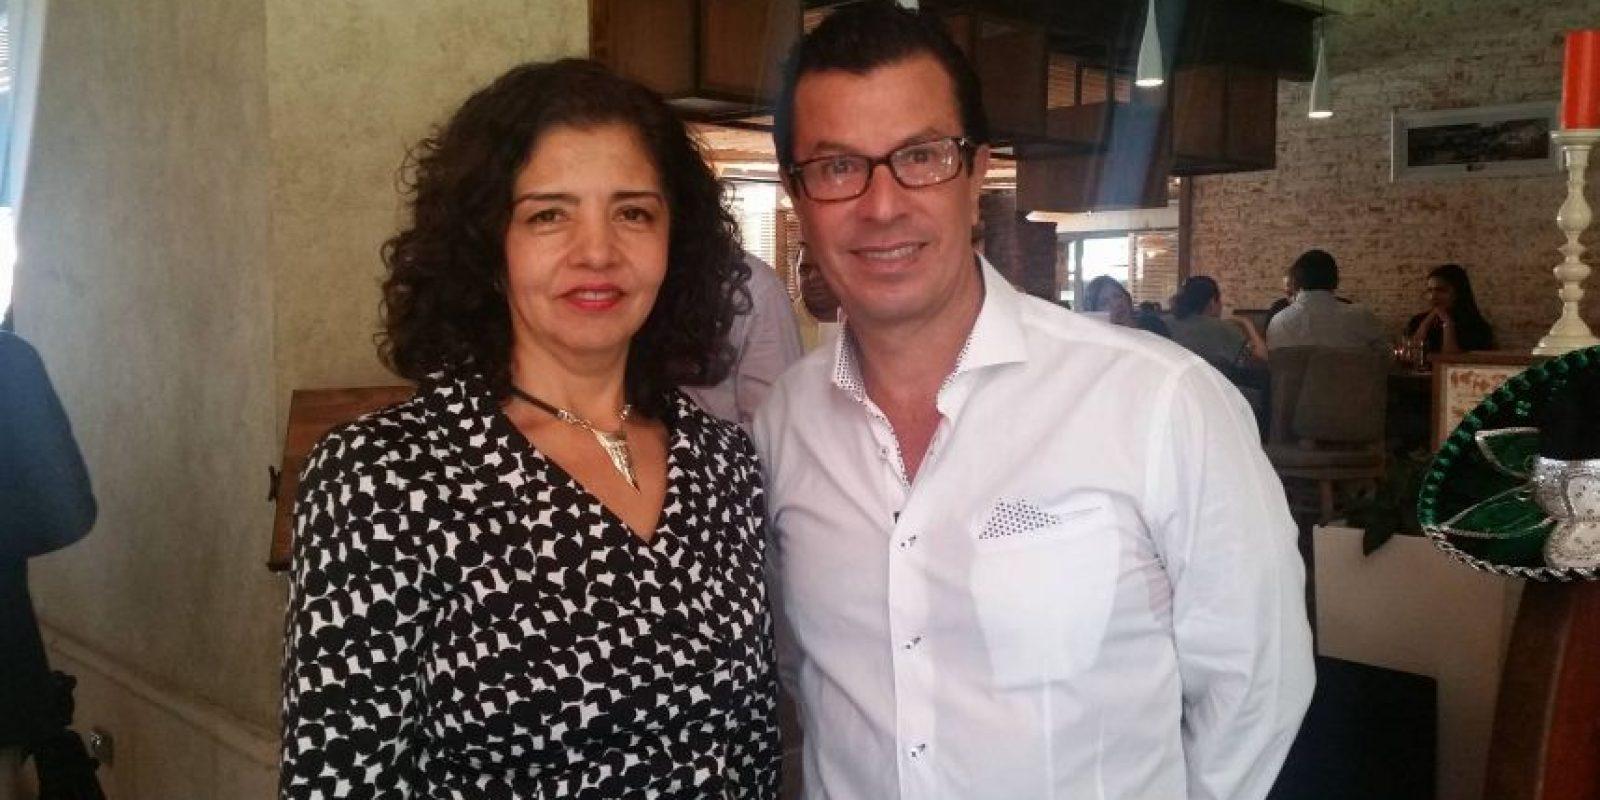 La embajadora Mabel Gómez junto a Ricardo Barnoya. Foto:Publinews